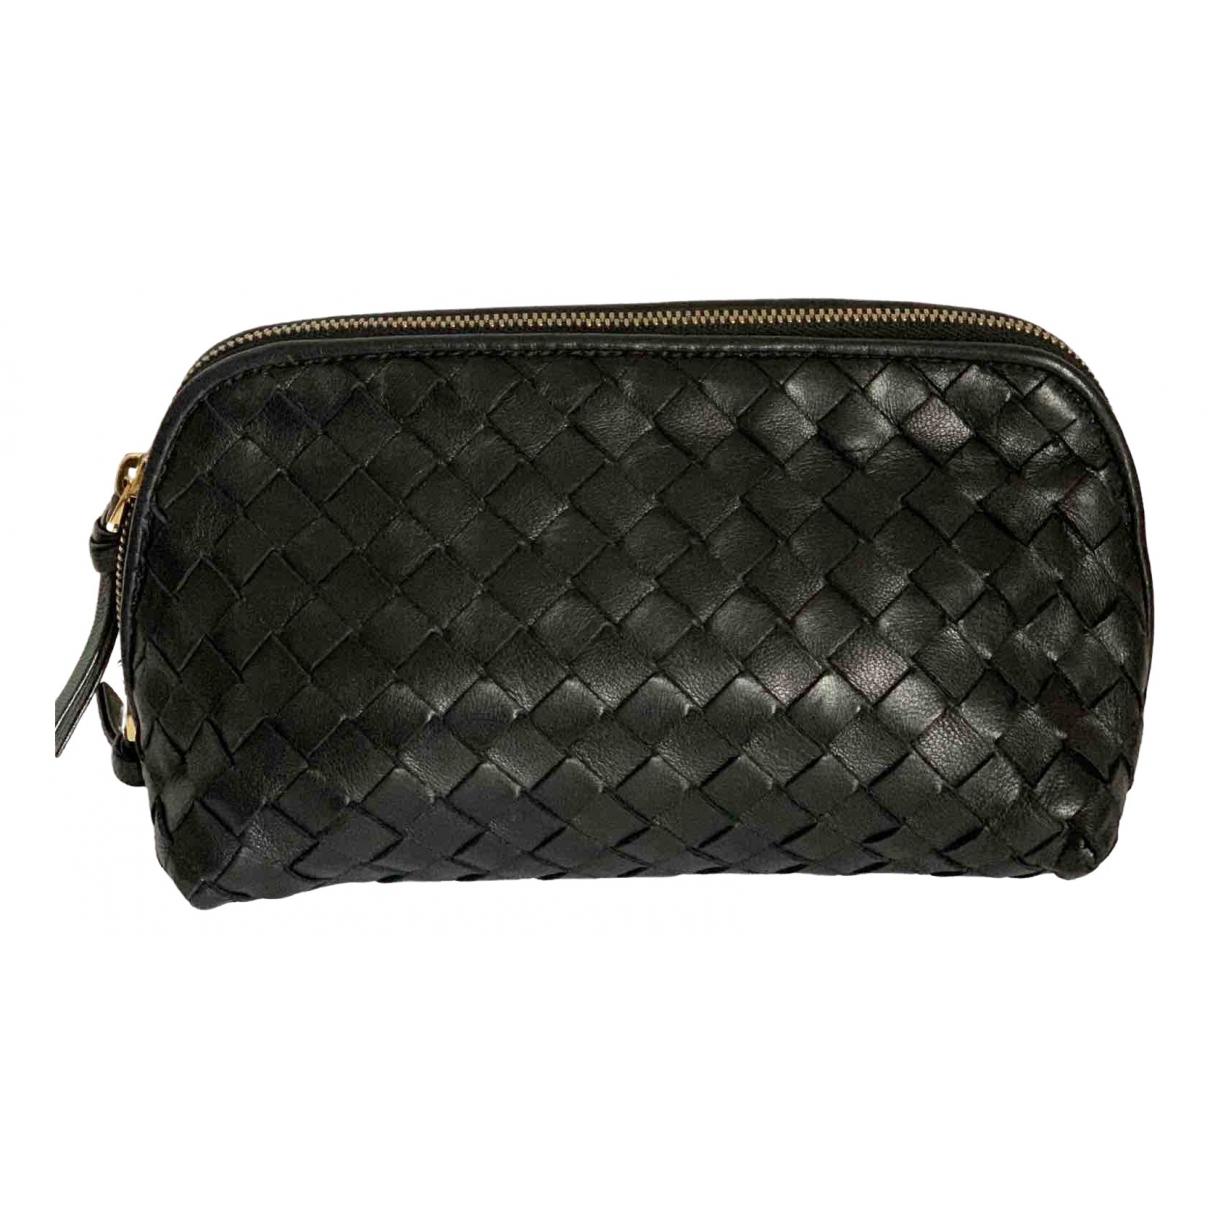 Bottega Veneta \N Black Leather Travel bag for Women \N